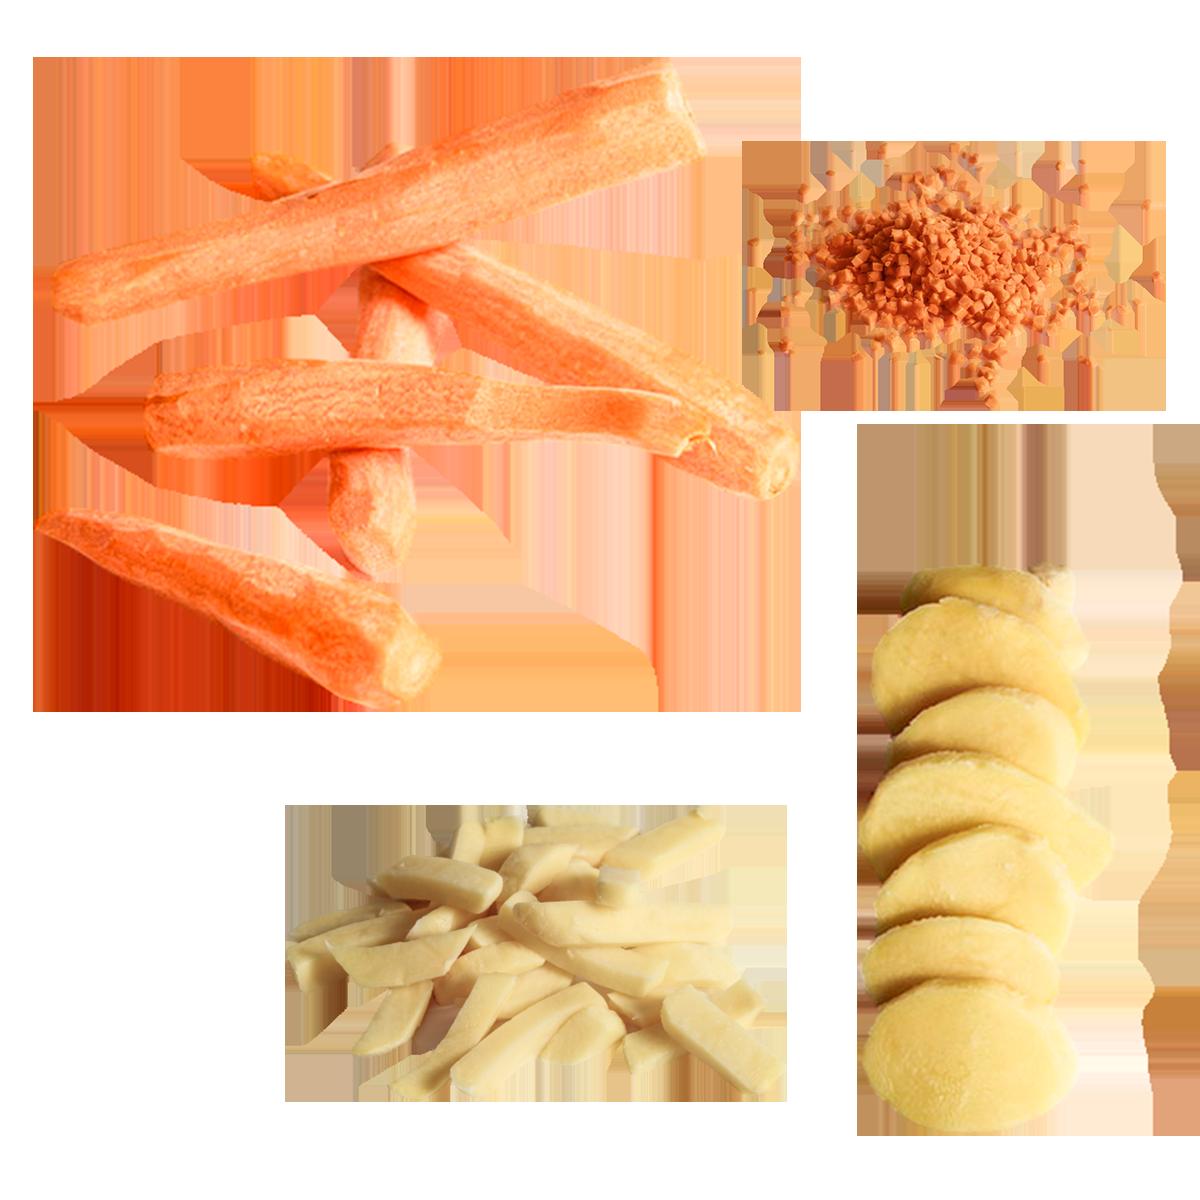 patatas y hortalizas frescas listas para cocinar